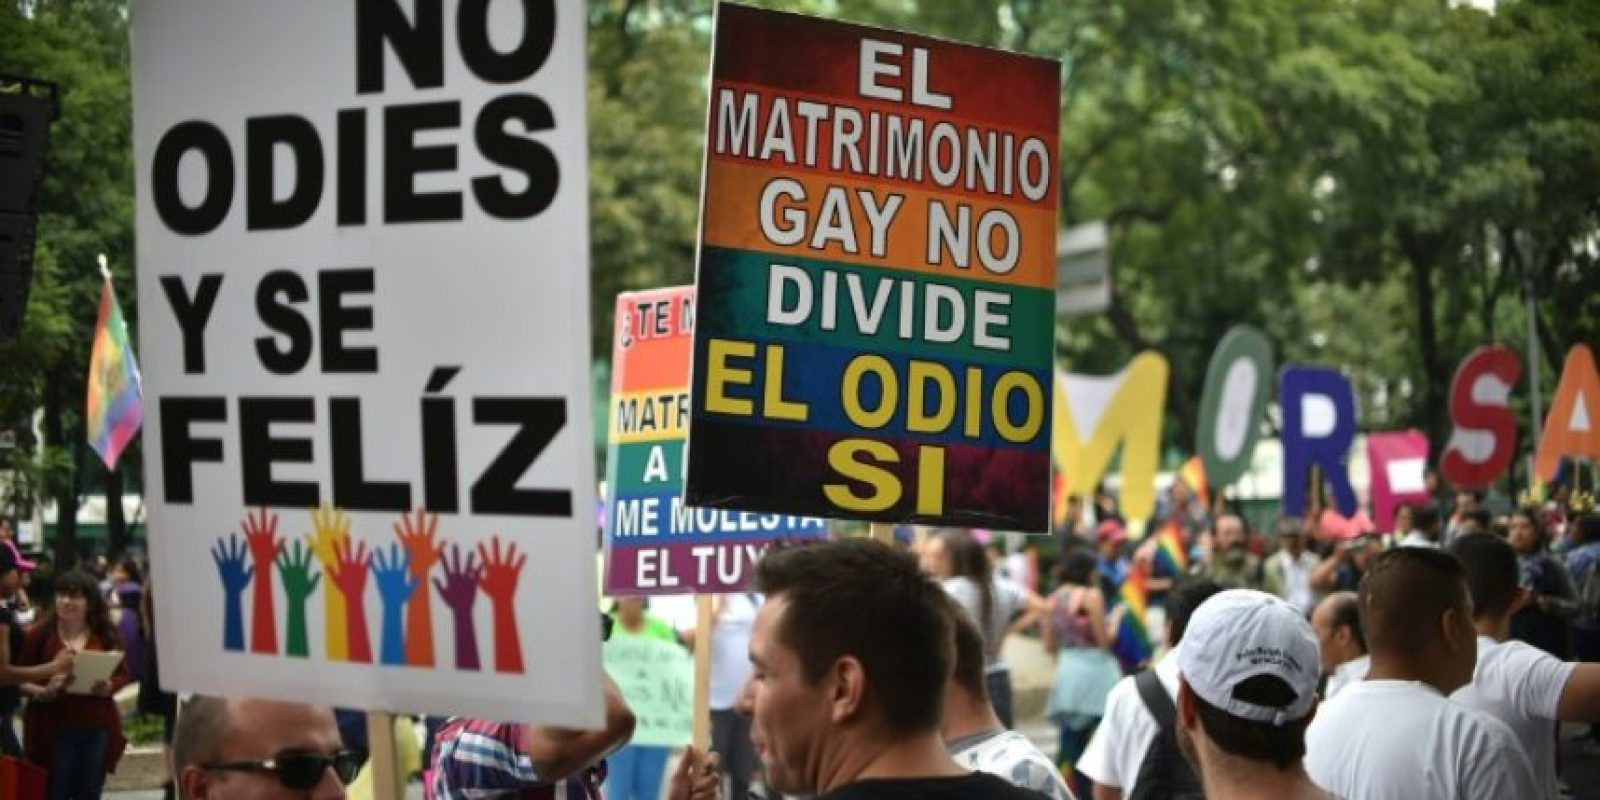 Activistas y miembros de la comunidad LGBT se manifiestan a favor del matrimonio igualitario en Ciudad de México, el 24 de septiembre de 2016 Foto:Yuri Cortez/afp.com